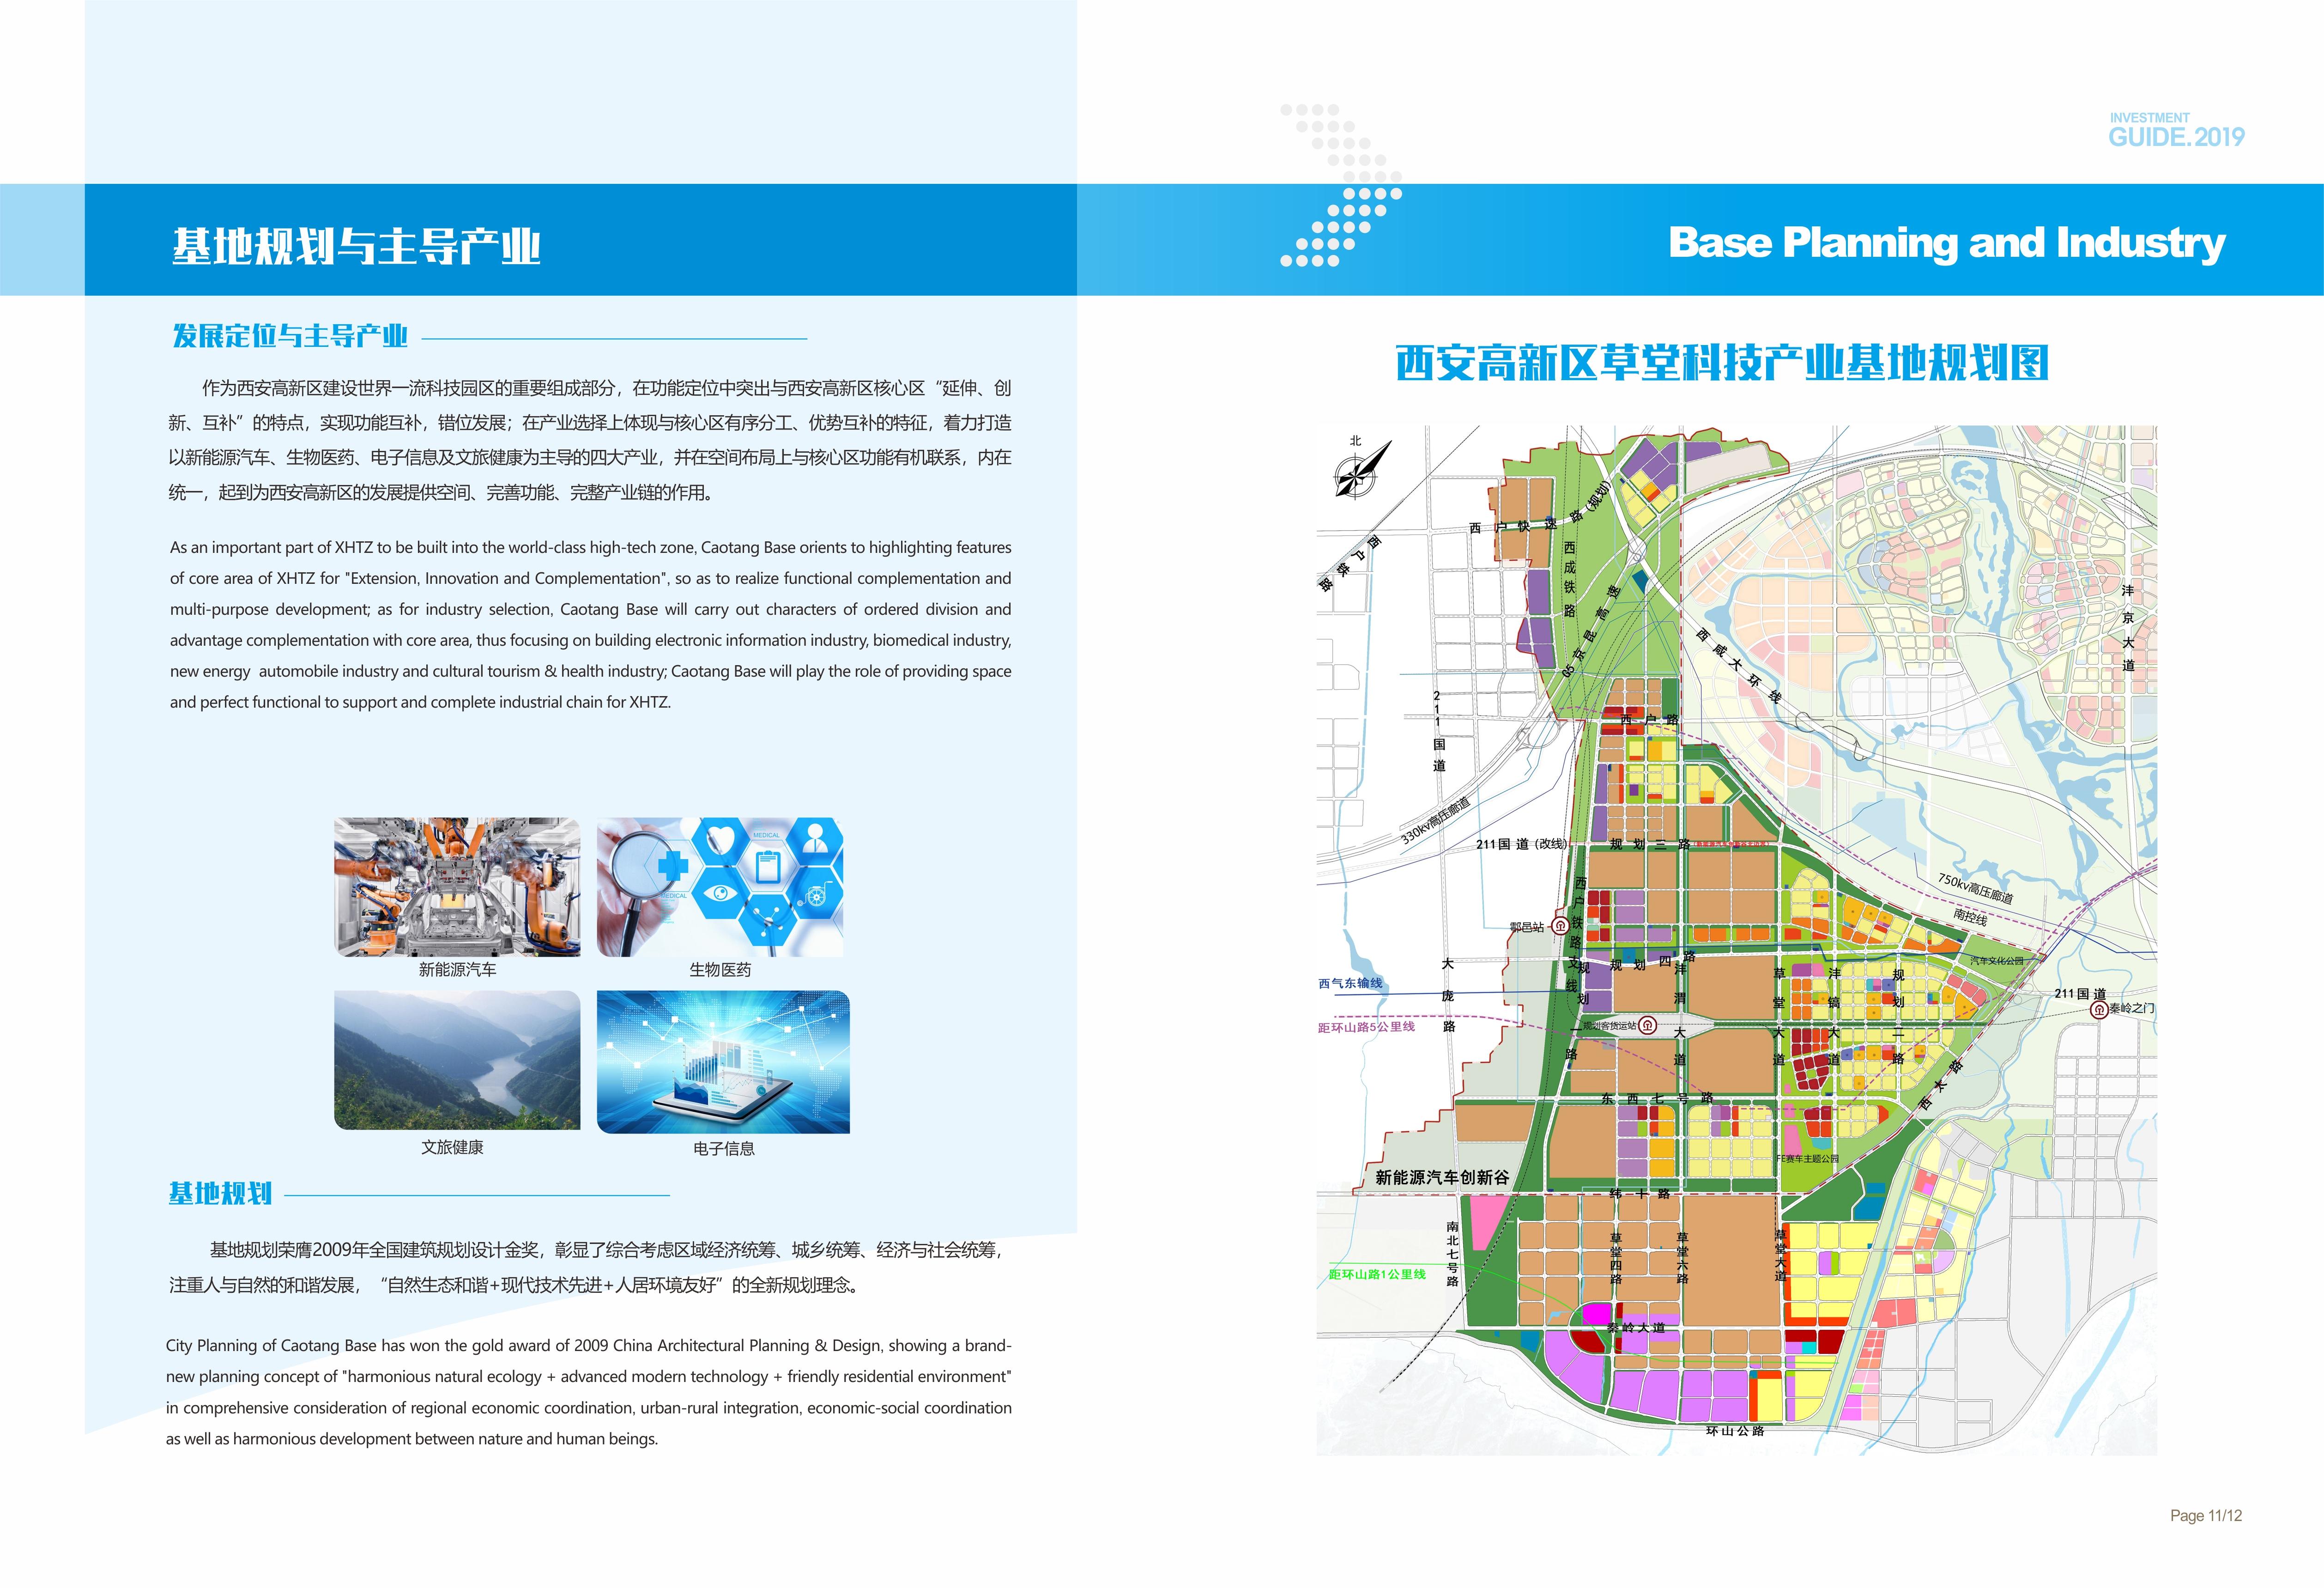 西安高新技术产业开发区草堂科技产业基地-2